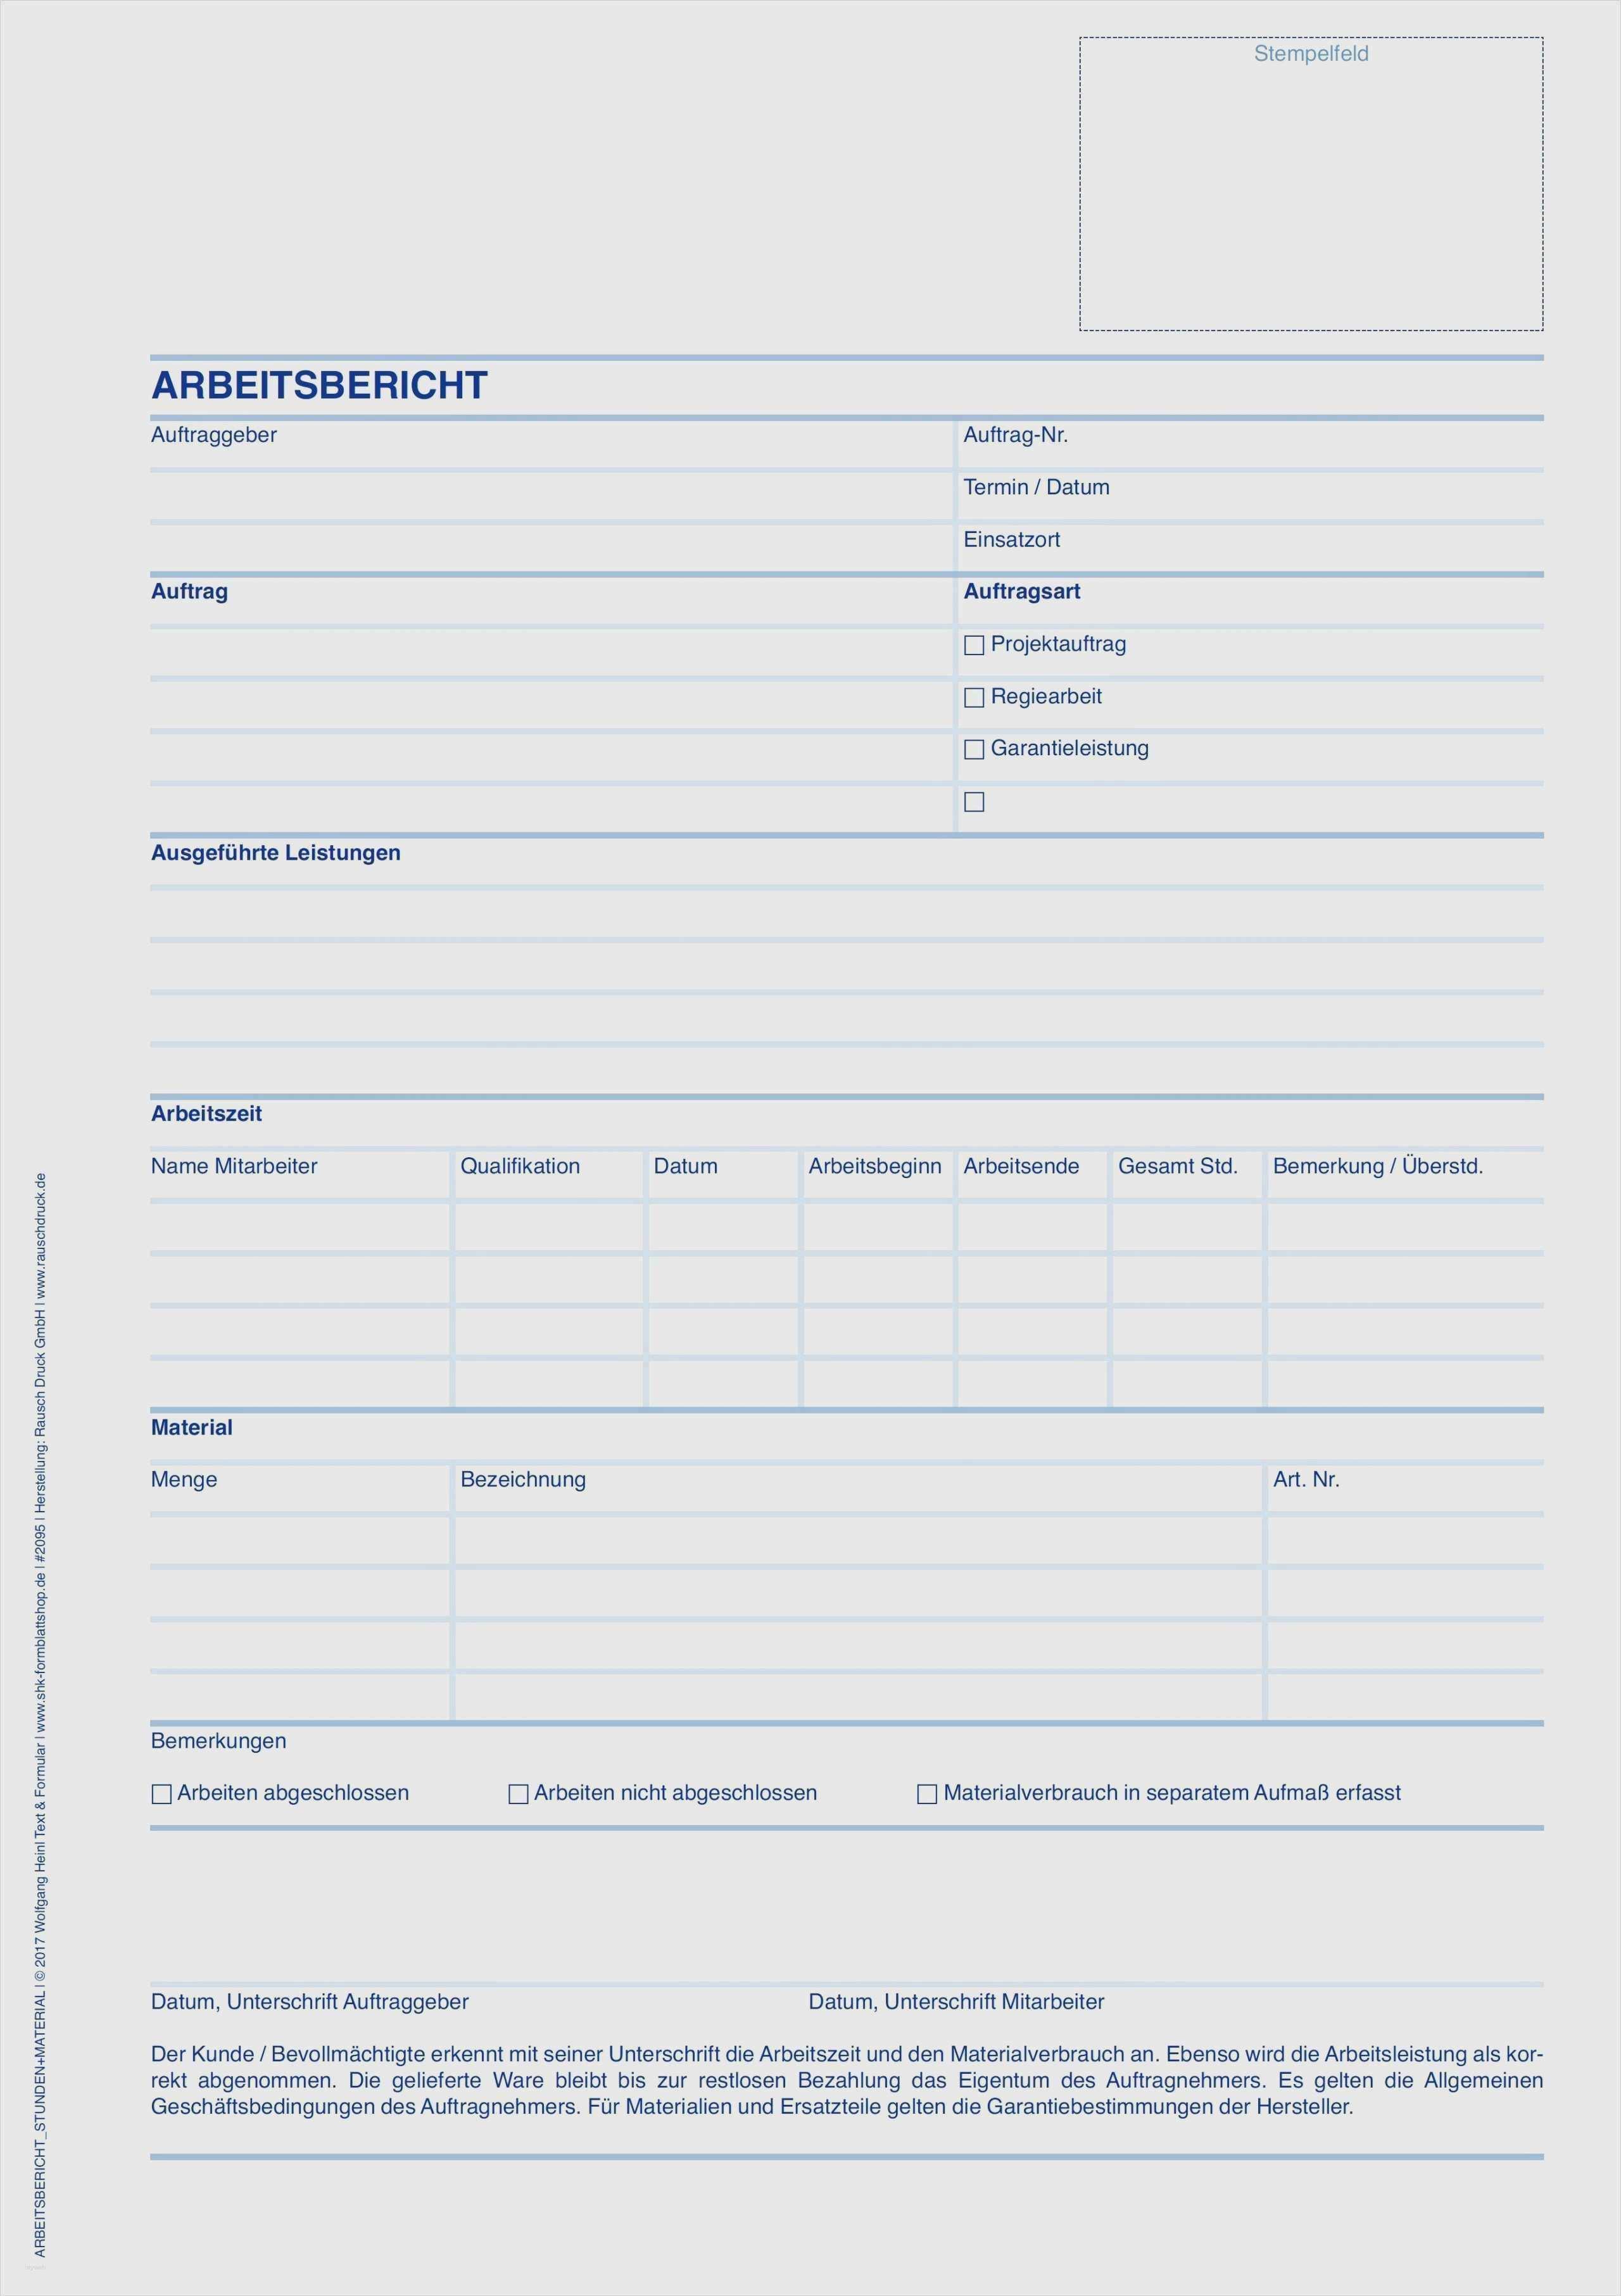 27 Gut Arbeitsbericht Vorlage Kostenlos Abbildung Vorlagen Lebenslauf Vorlagen Word Anschreiben Vorlage